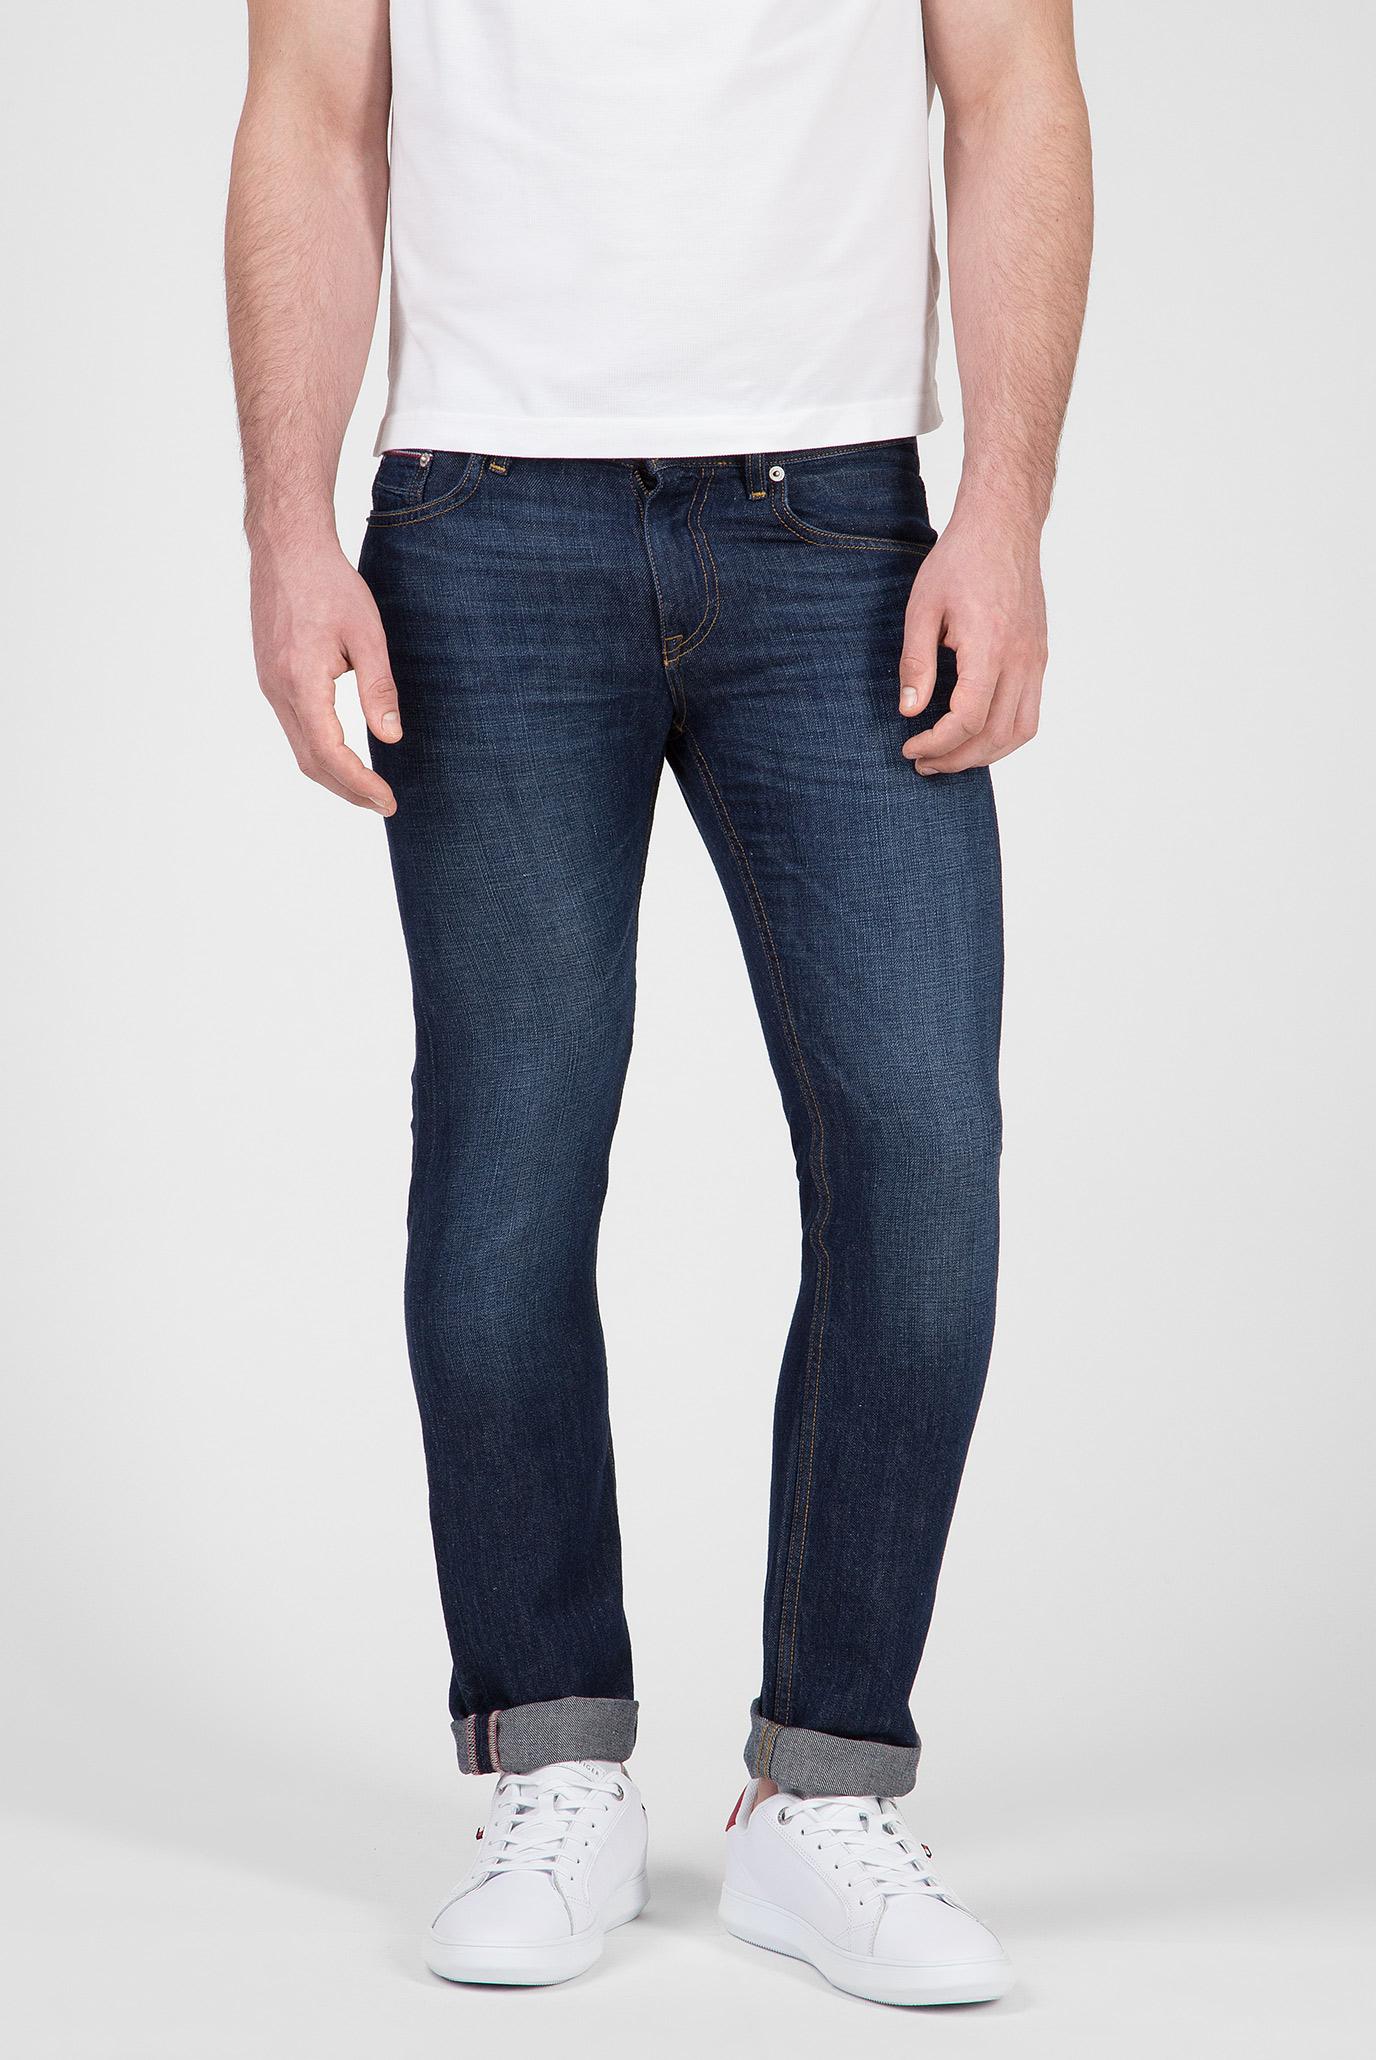 Купить Мужские темно-синие джинсы DENTON  Tommy Hilfiger Tommy Hilfiger MW0MW10117 – Киев, Украина. Цены в интернет магазине MD Fashion